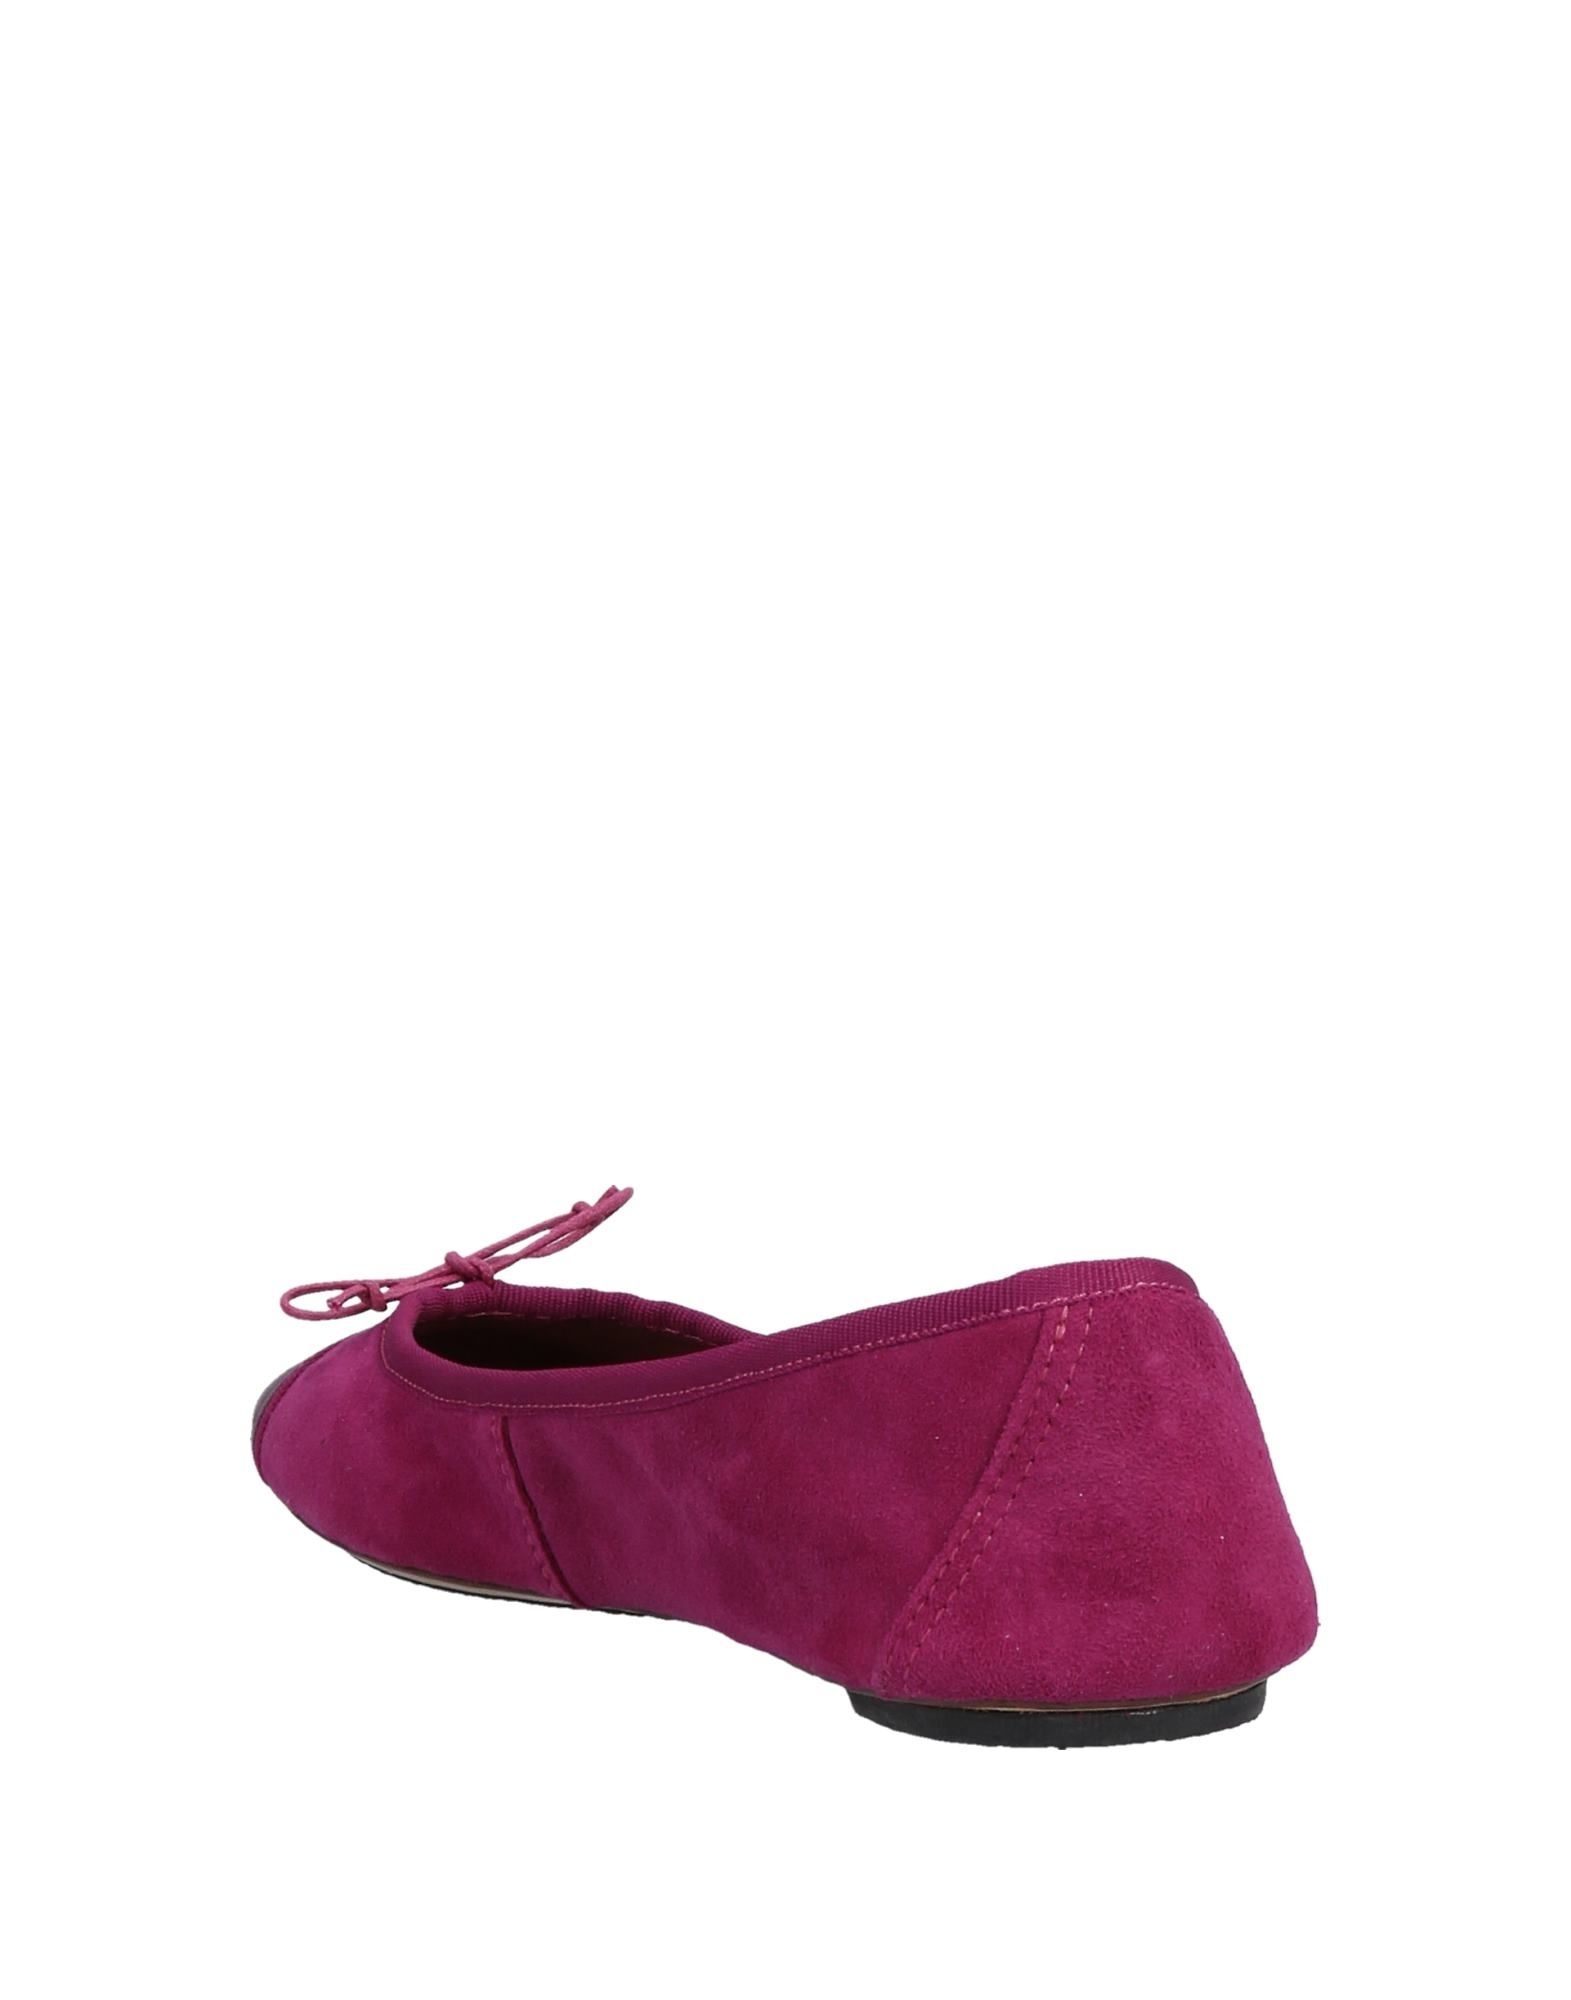 Gielle Gielle Gielle Ballerinas Damen 11564981OX Gute Qualität beliebte Schuhe 36becf